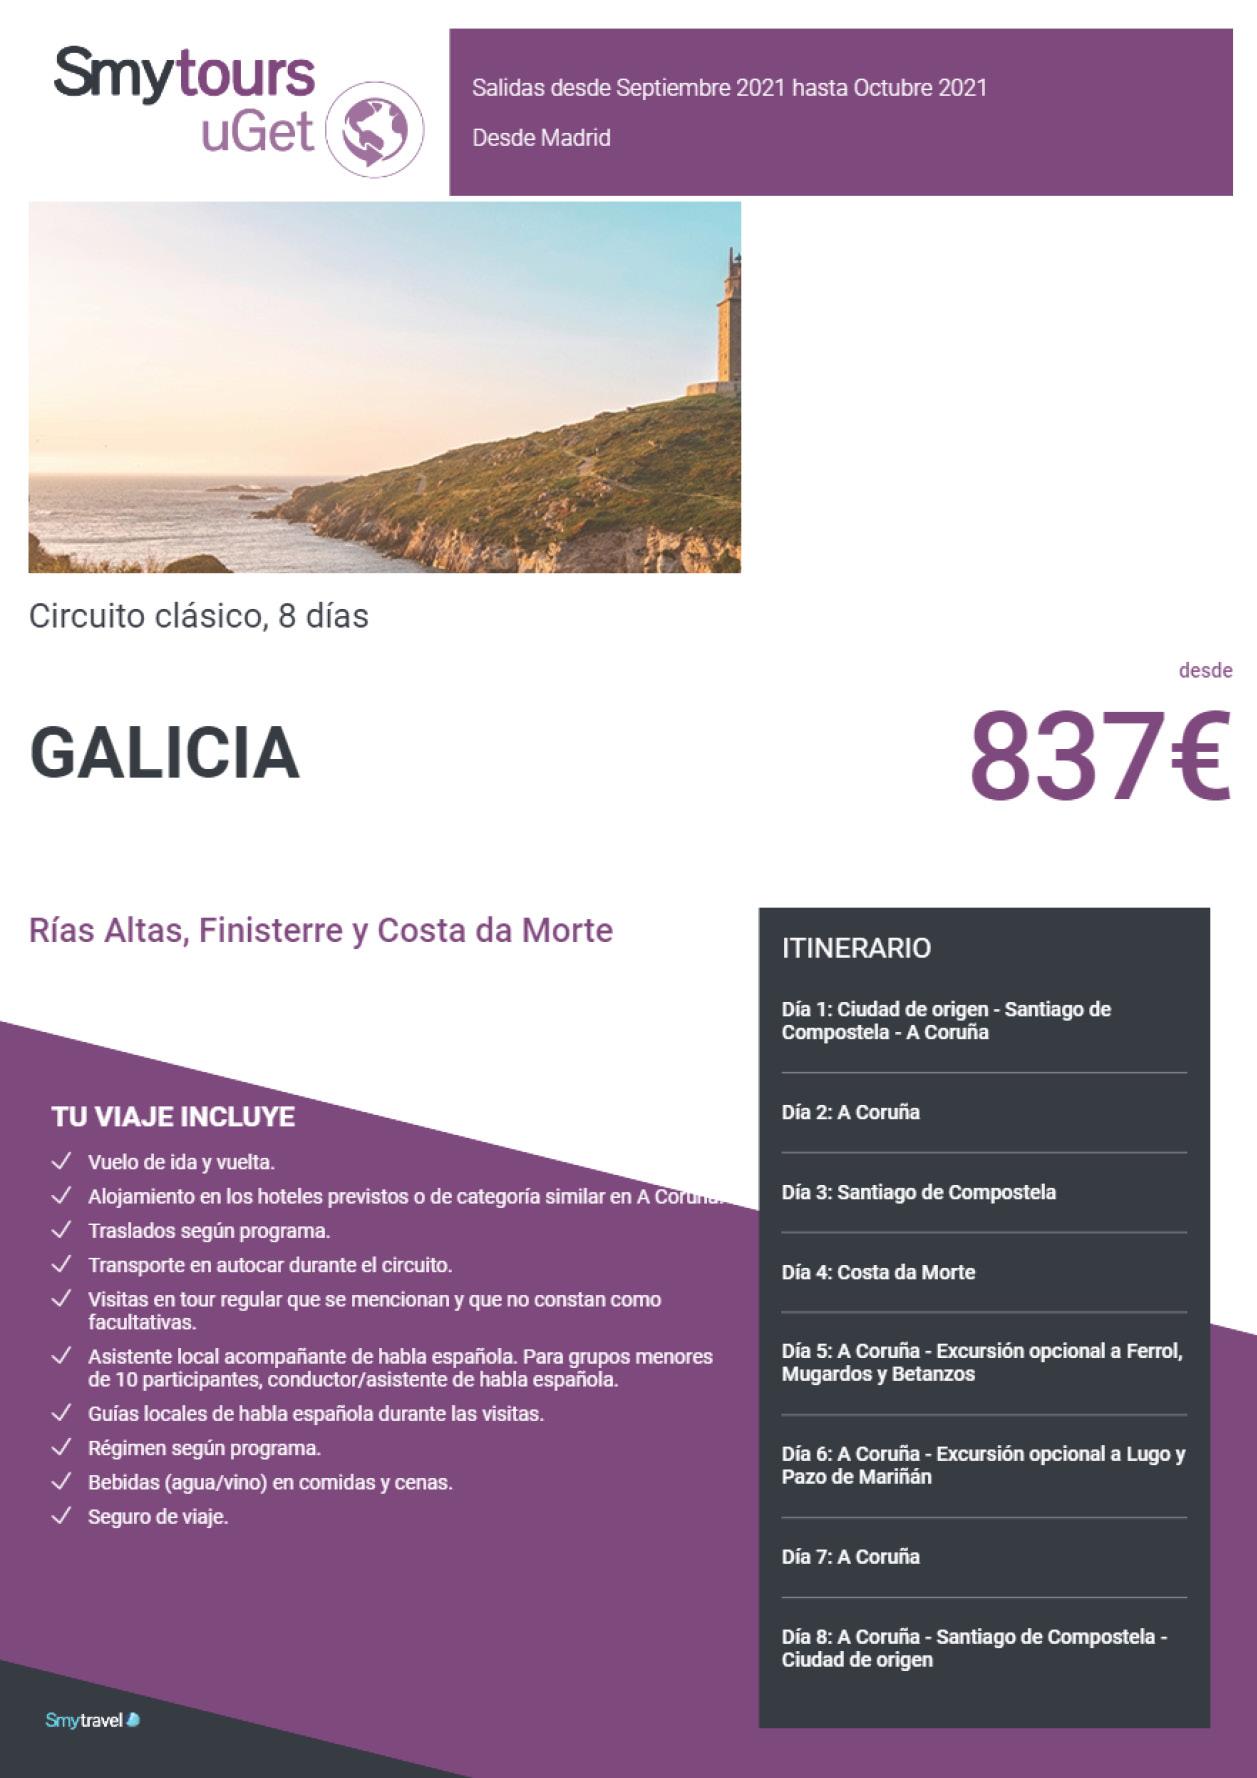 Oferta Smytravel Circuito Rías Altas Finisterre y Costa da Morte 8 dias salidas Madrid desde 837 €